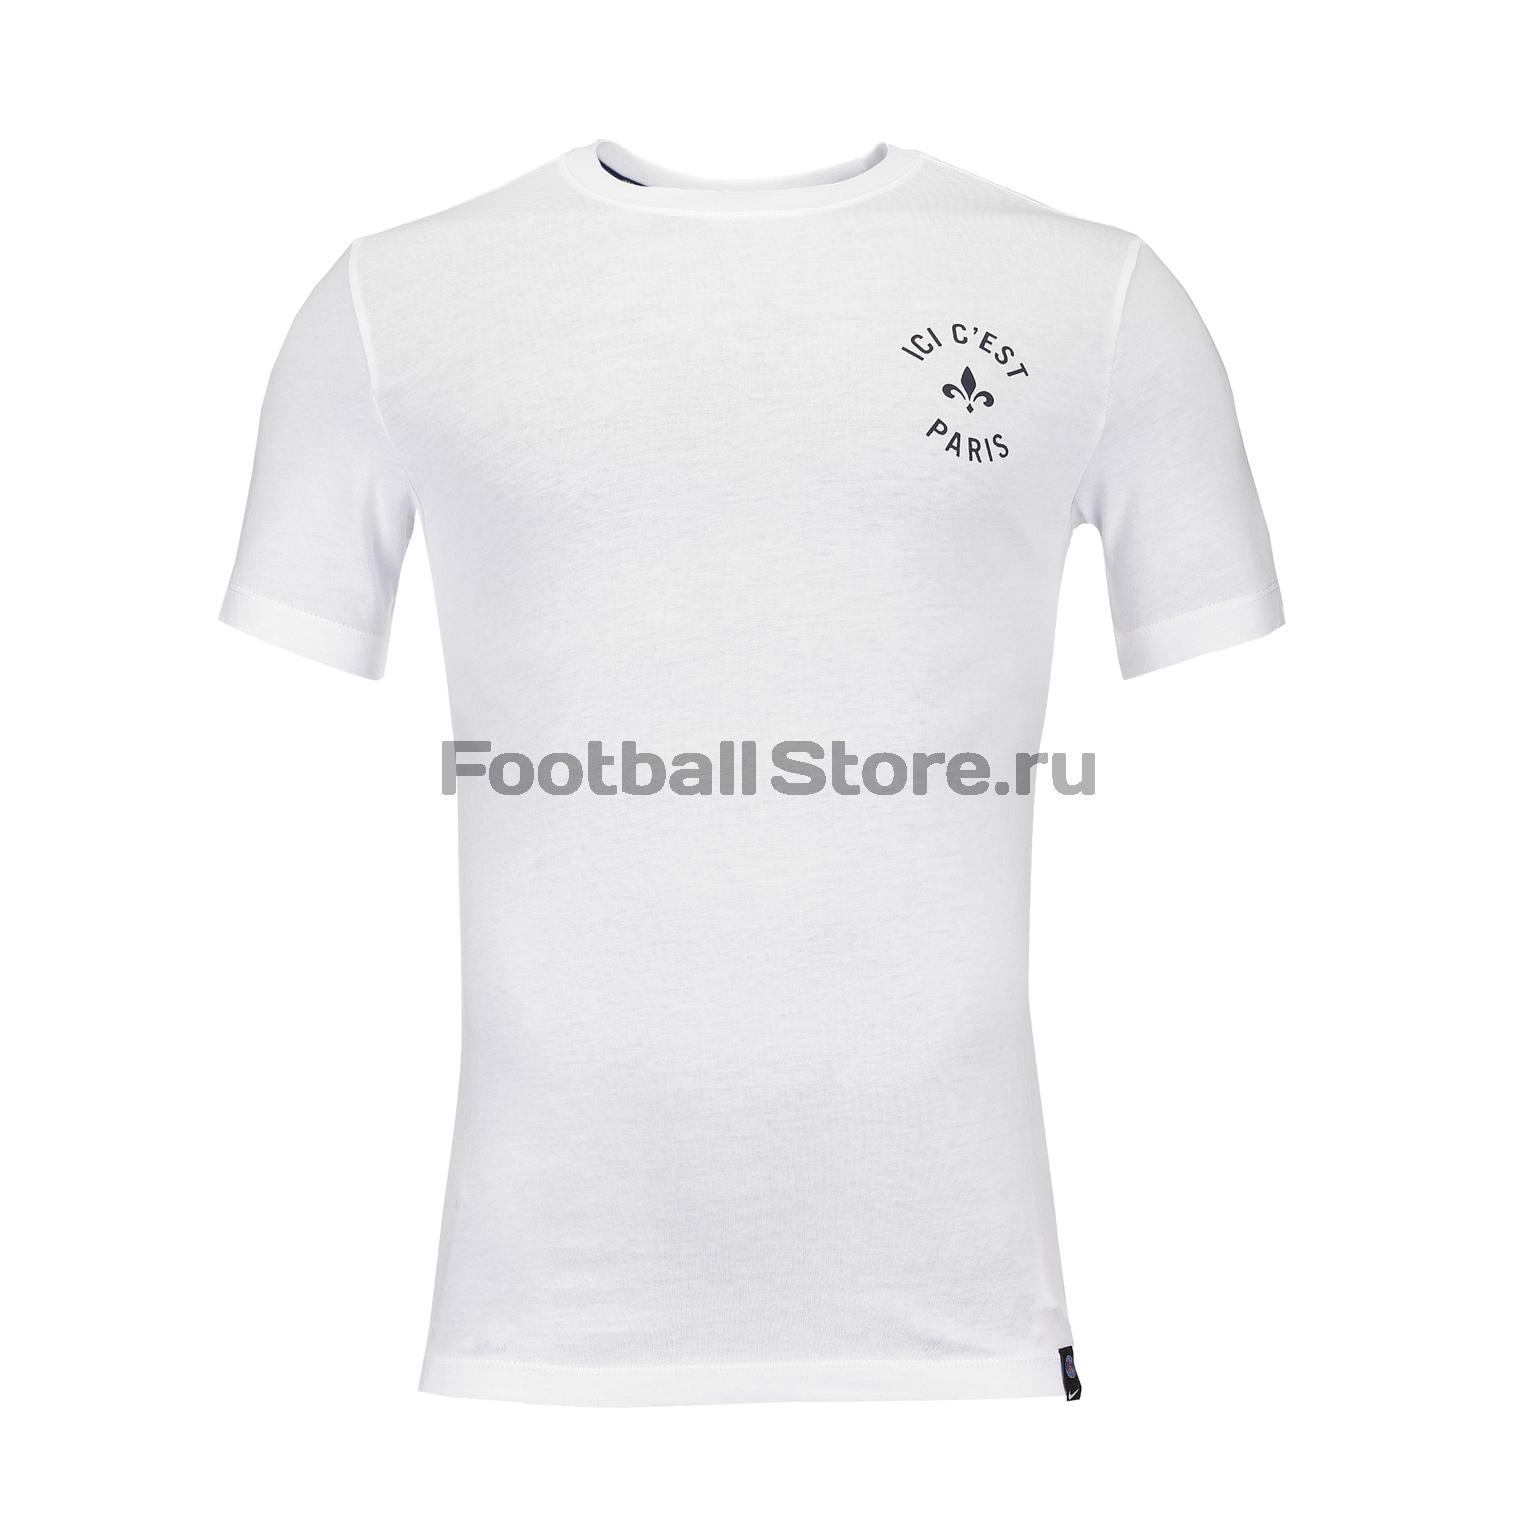 цена Футболка Nike PSG Tee Kit Story Tell AQ7520-100 онлайн в 2017 году